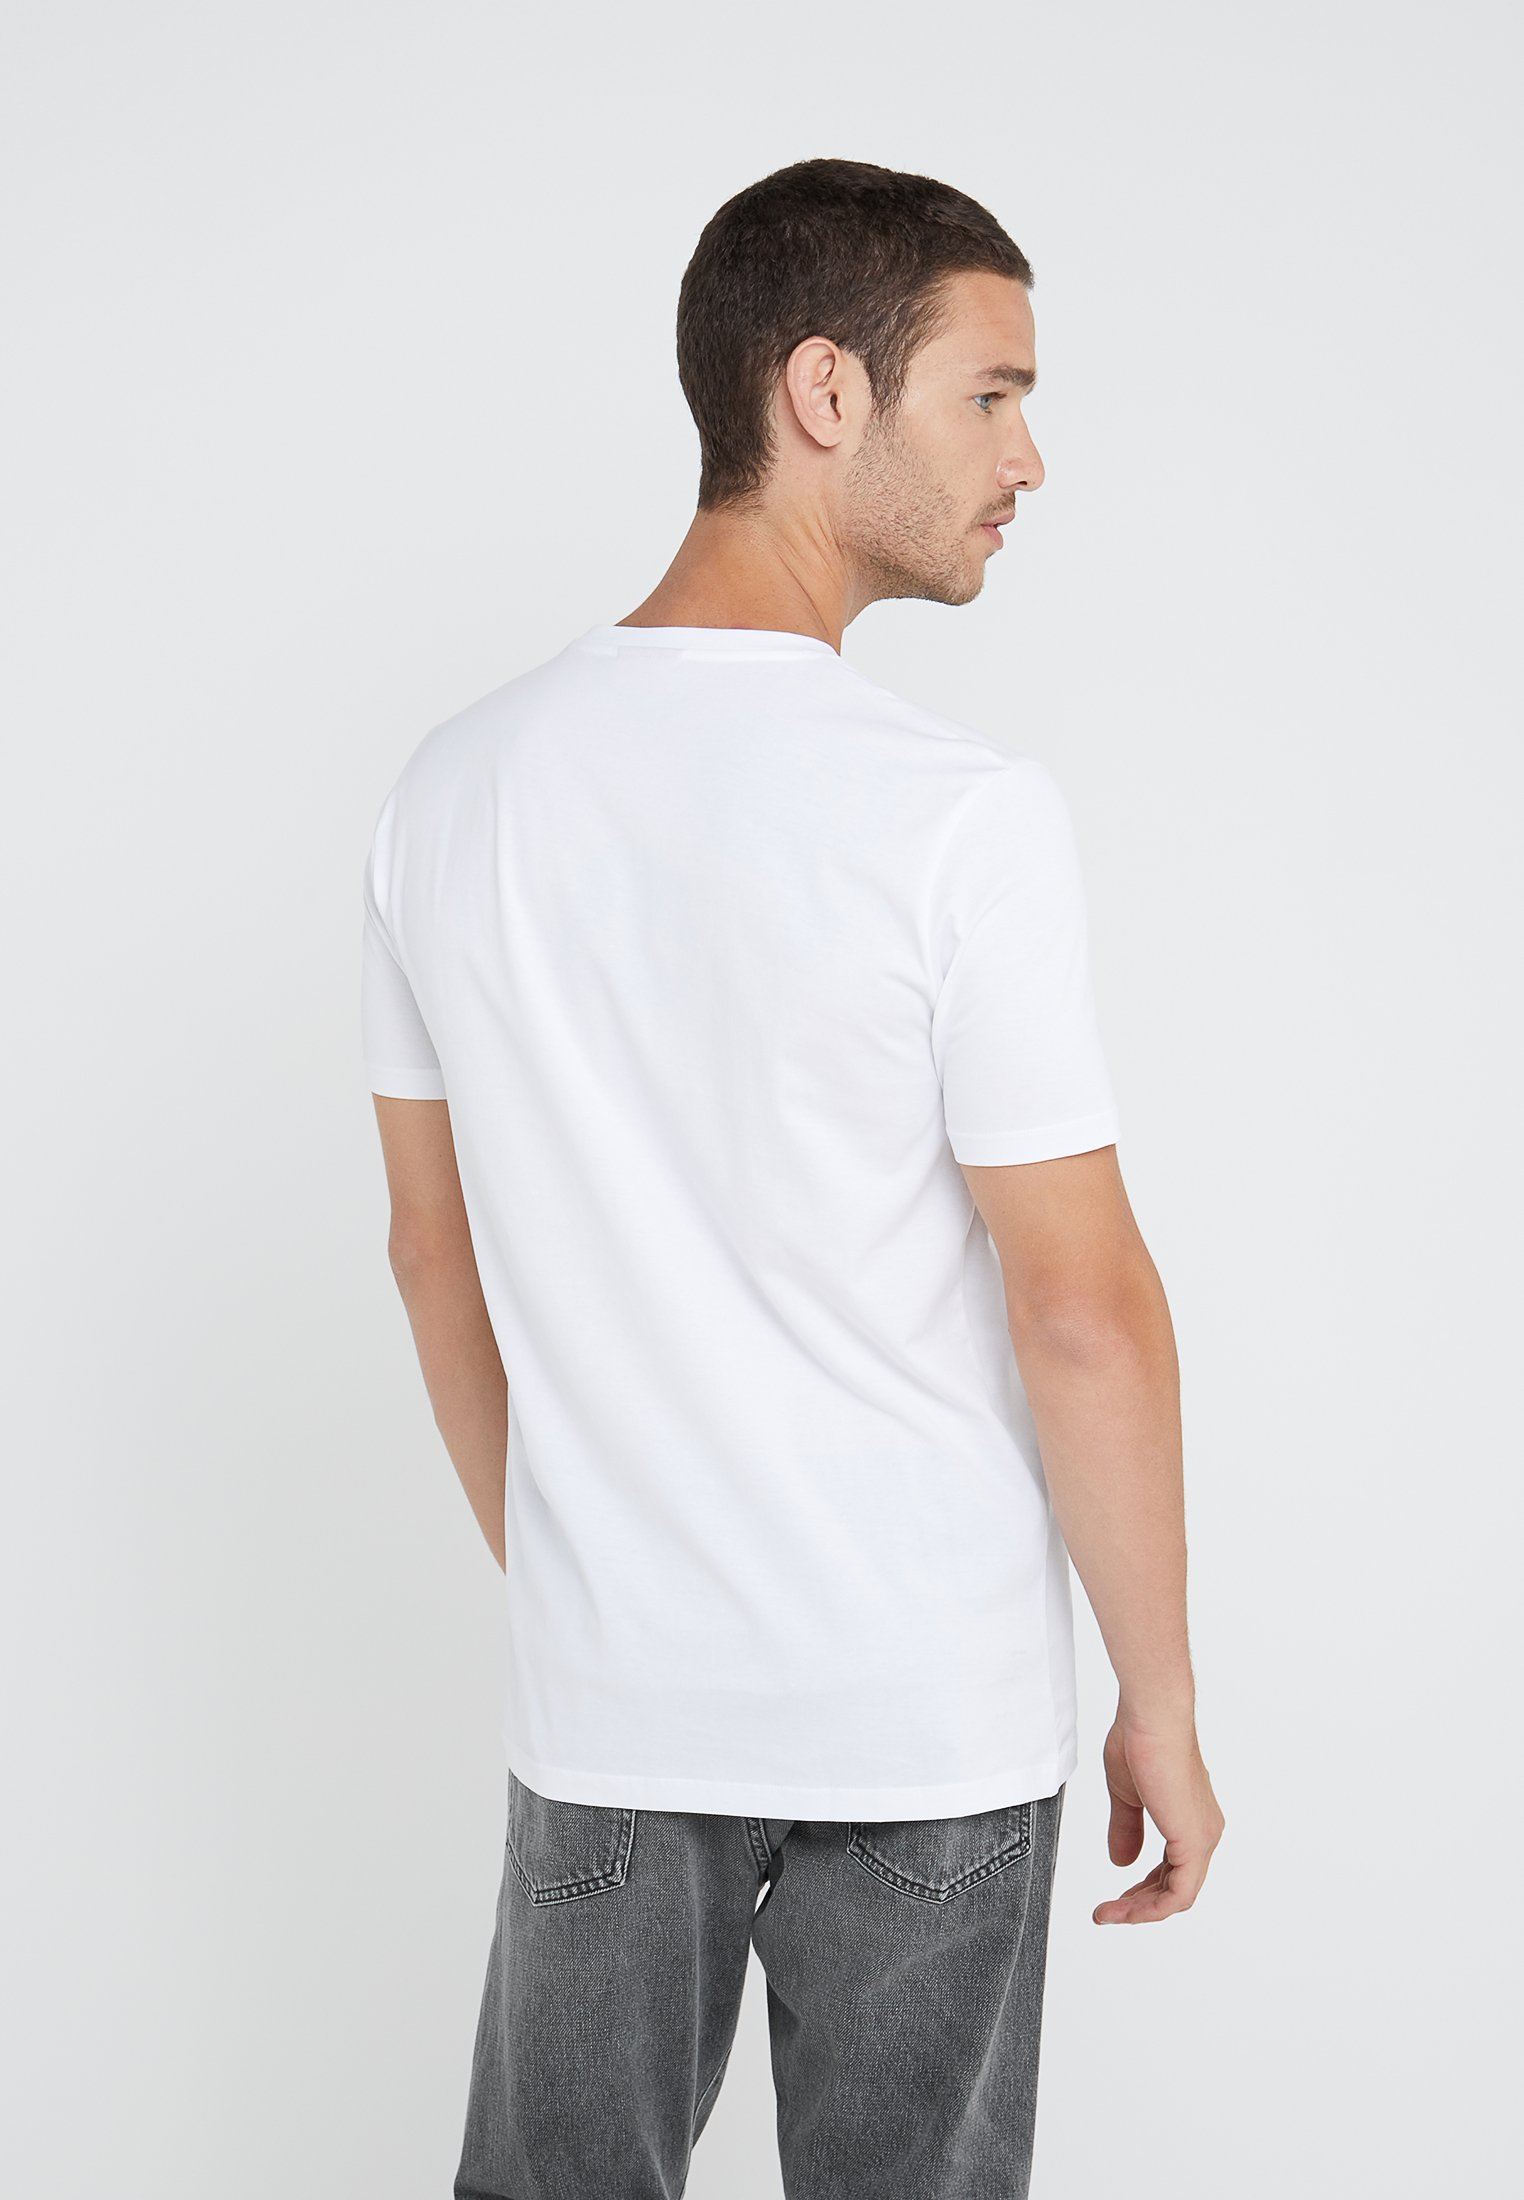 Imprimé White DoliveT shirt Hugo u1clK5F3TJ